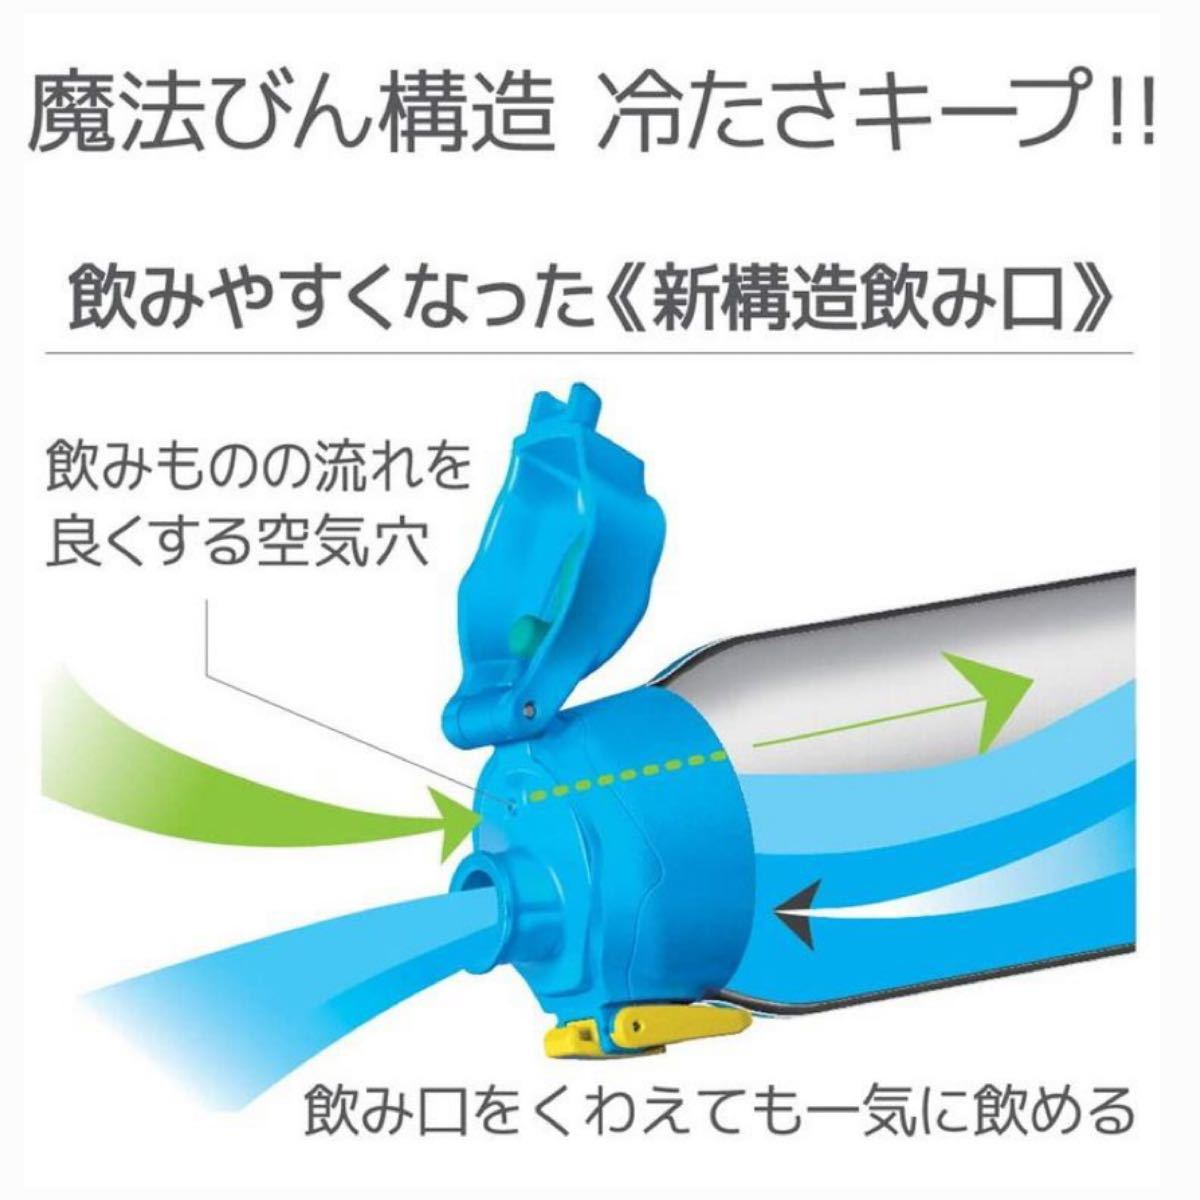 お値下げ。THERMOS サーモス 水筒 保冷専用 ワンタッチオープン 真空断熱スポーツボトル 1.5L  ブルーカモフラージュ